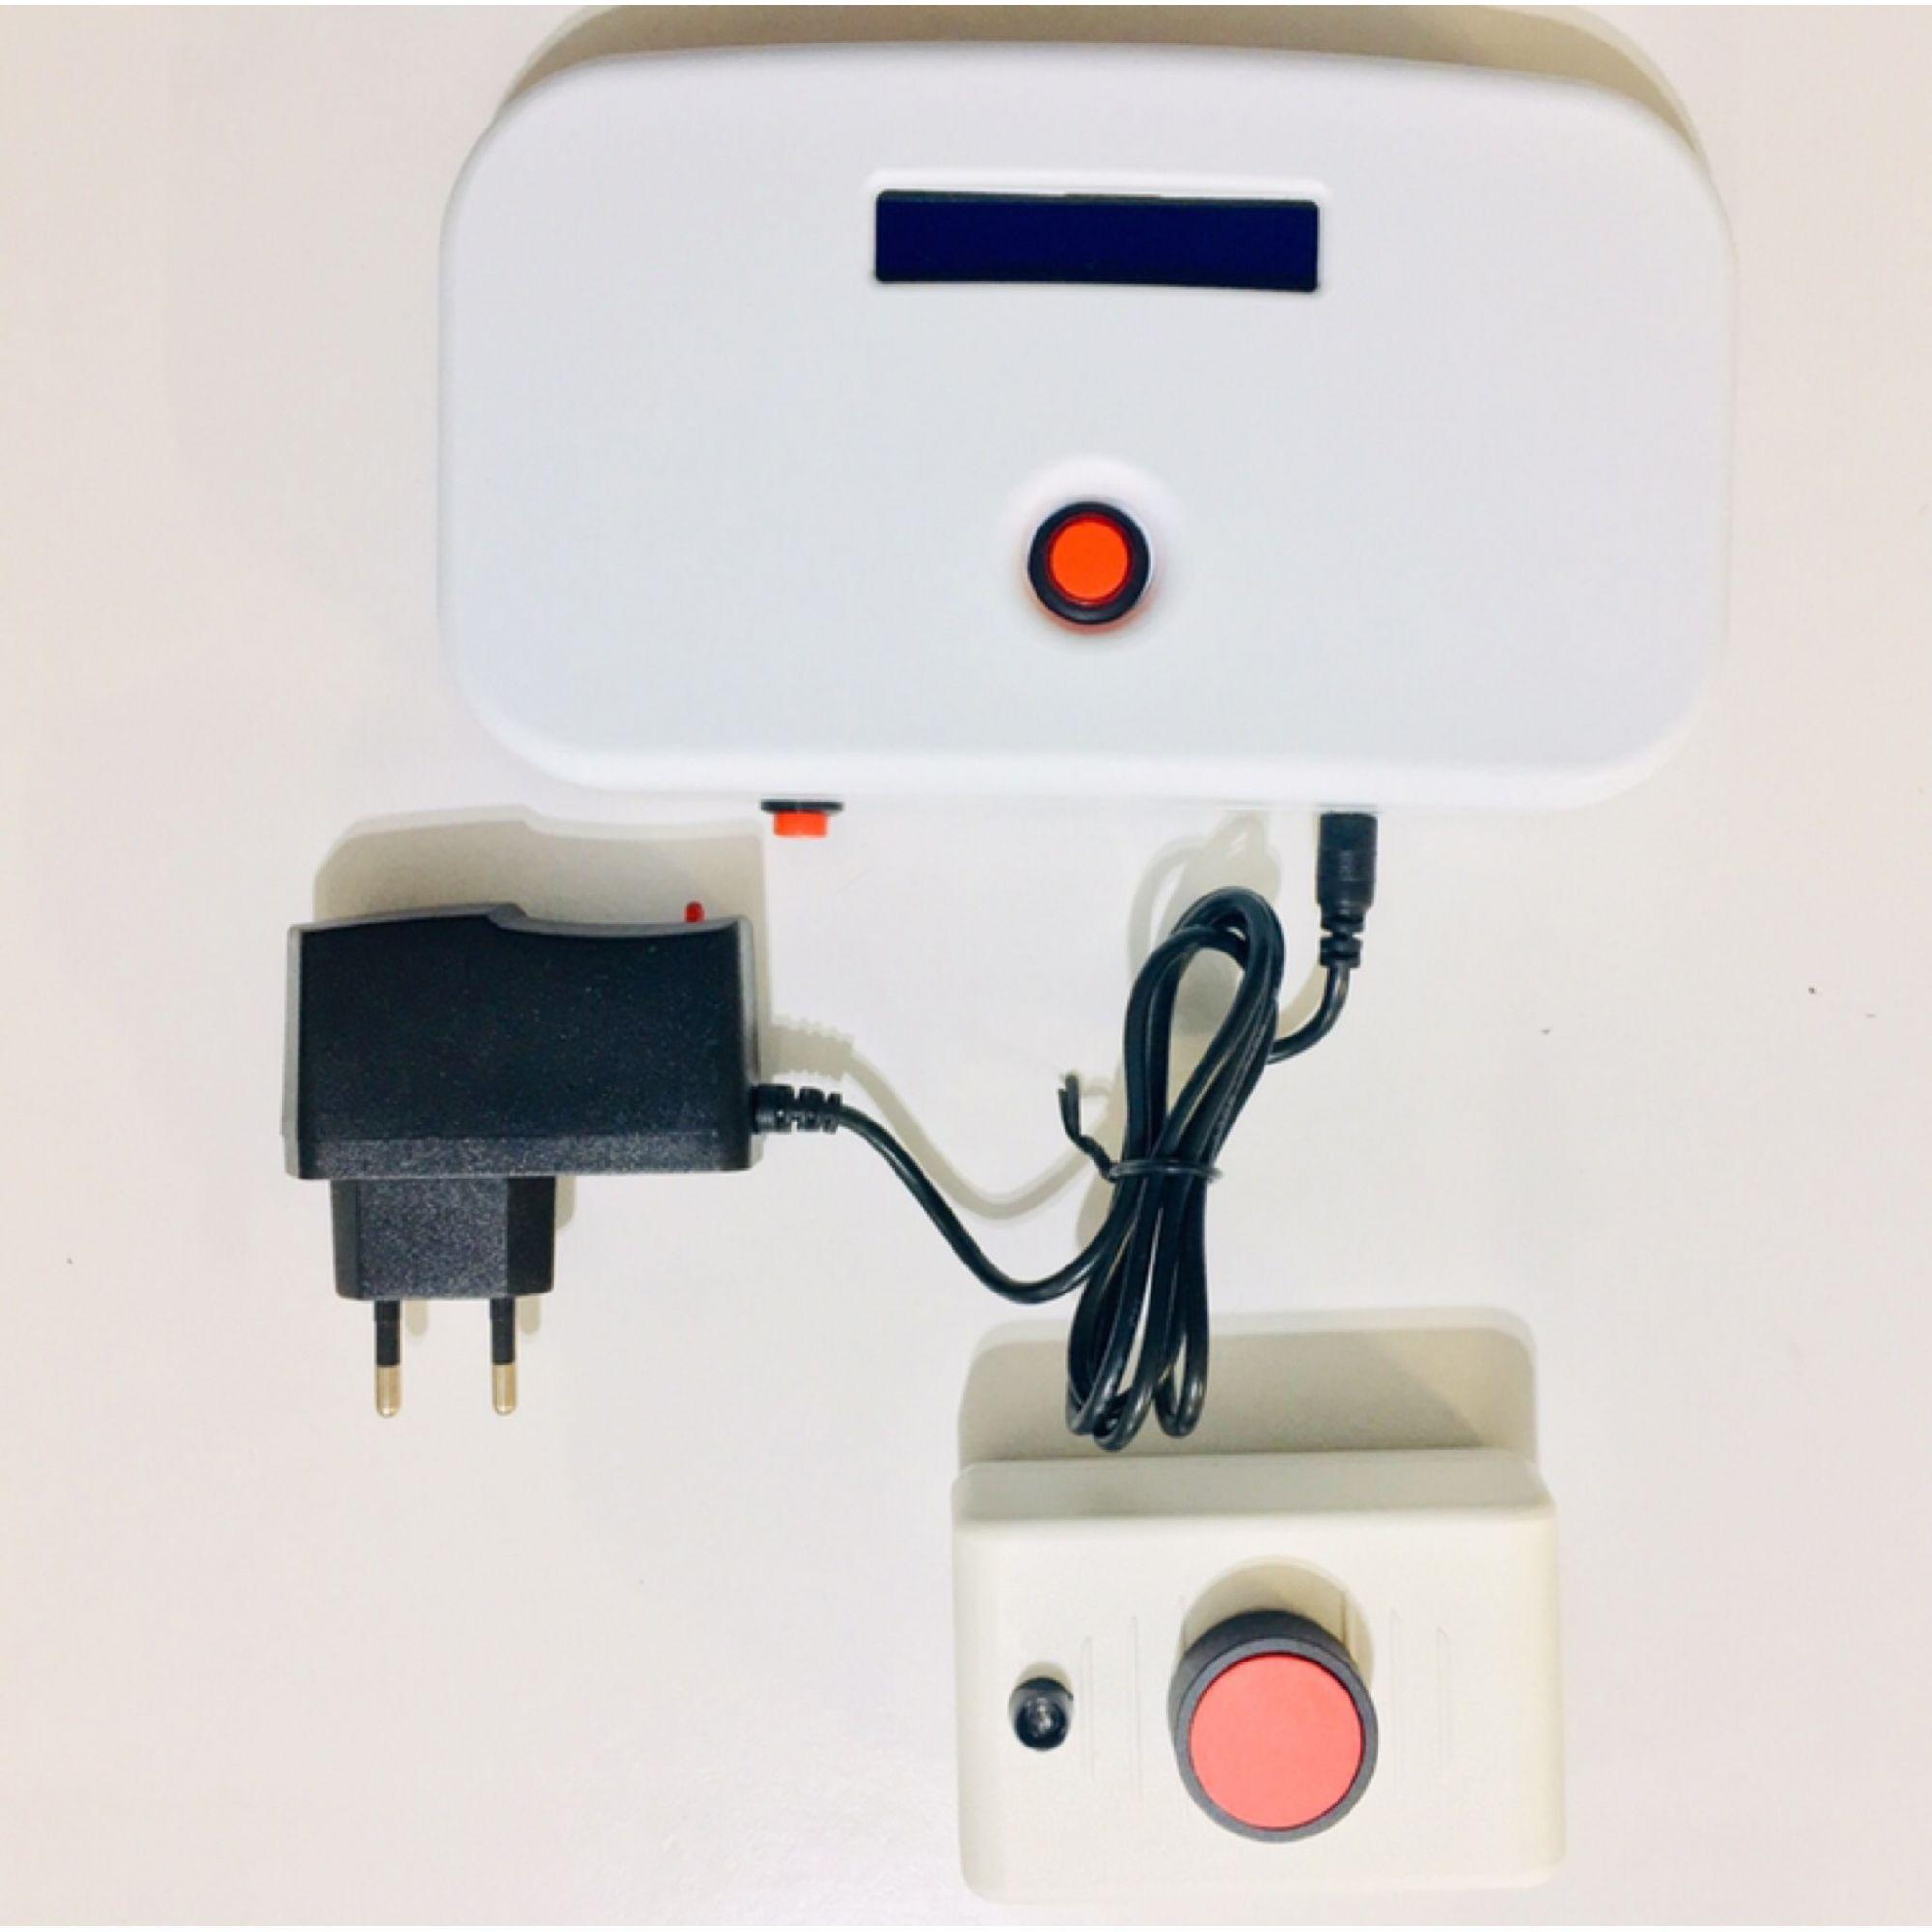 Alarme Audiovisual WIFI - MODELO MIL02 - para Banheiro PNE /PCD - CADEIRANTE - IDOSO - DESABILITADO -  sem fio  COM 01 botoeira - APROVADO ABNT